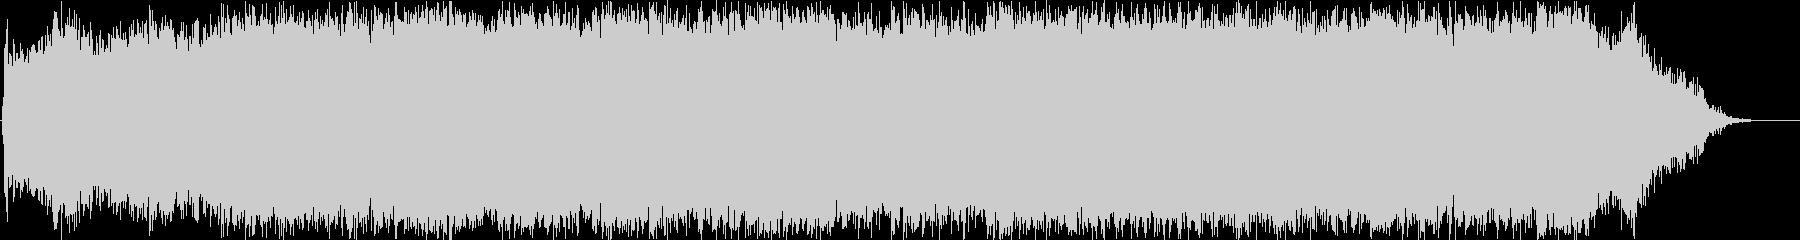 ダークファンタジーオーケストラ戦闘曲62の未再生の波形